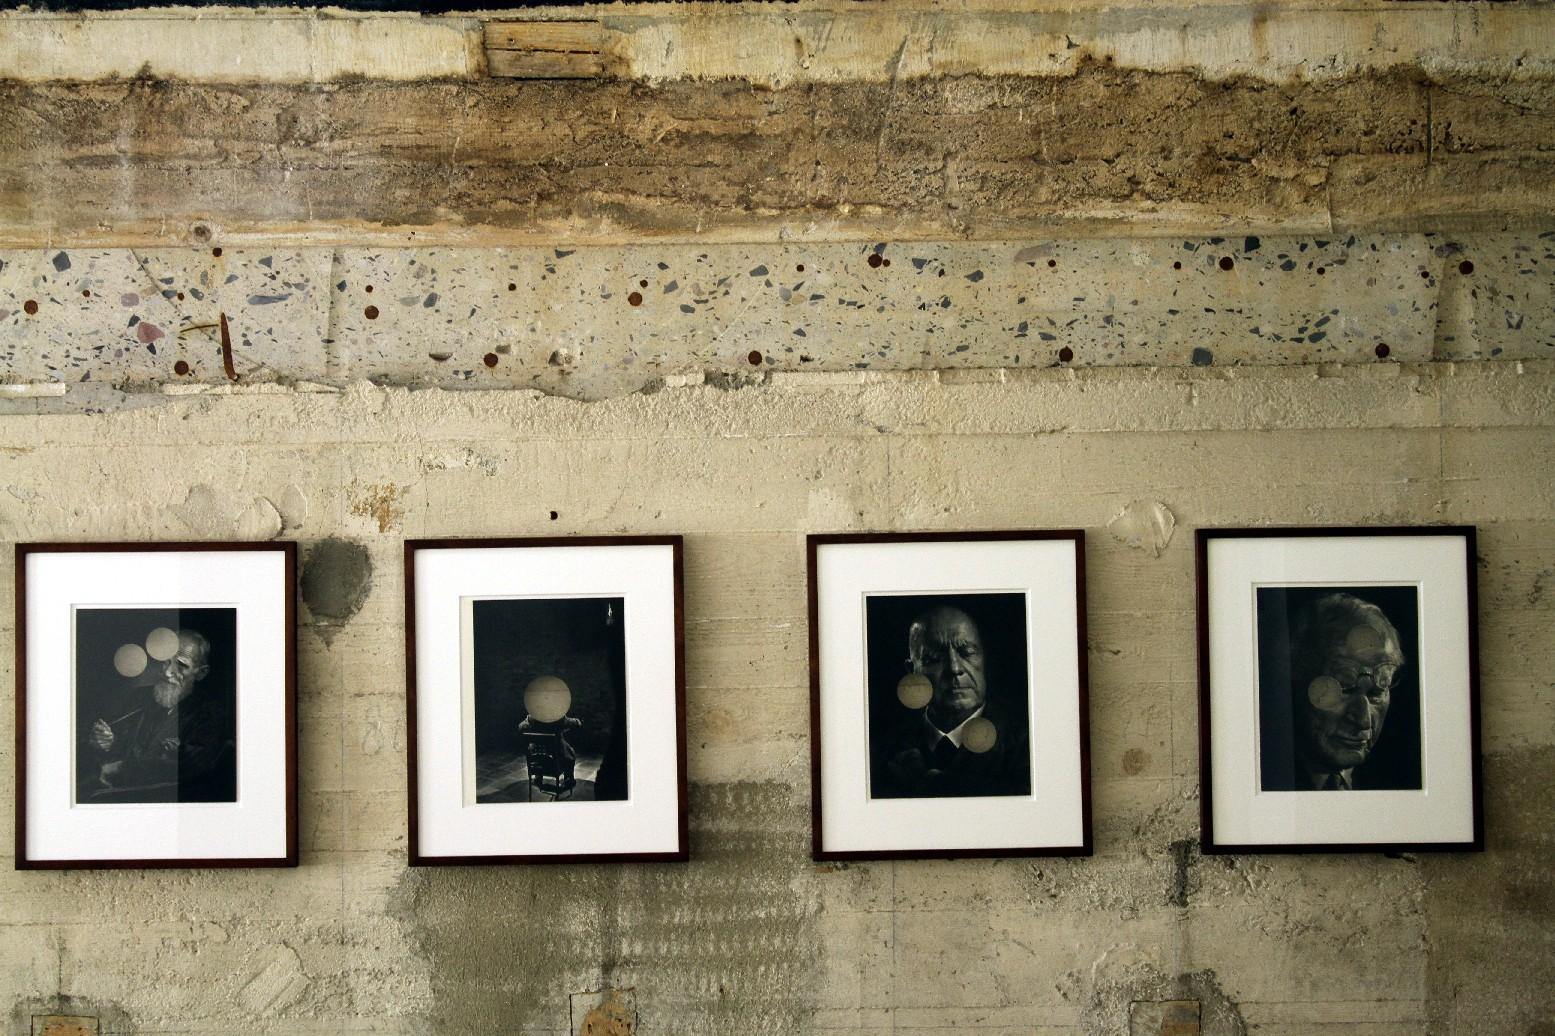 Museu da salsicha, museu das fonte e até uma galeria de arte no interior de um antigo bunker militar (Boros Gallry, na foto). Estas são algumas das opções inusitadas de entretenimento e cultura em Berlim (foto: Eduardo Vessoni)